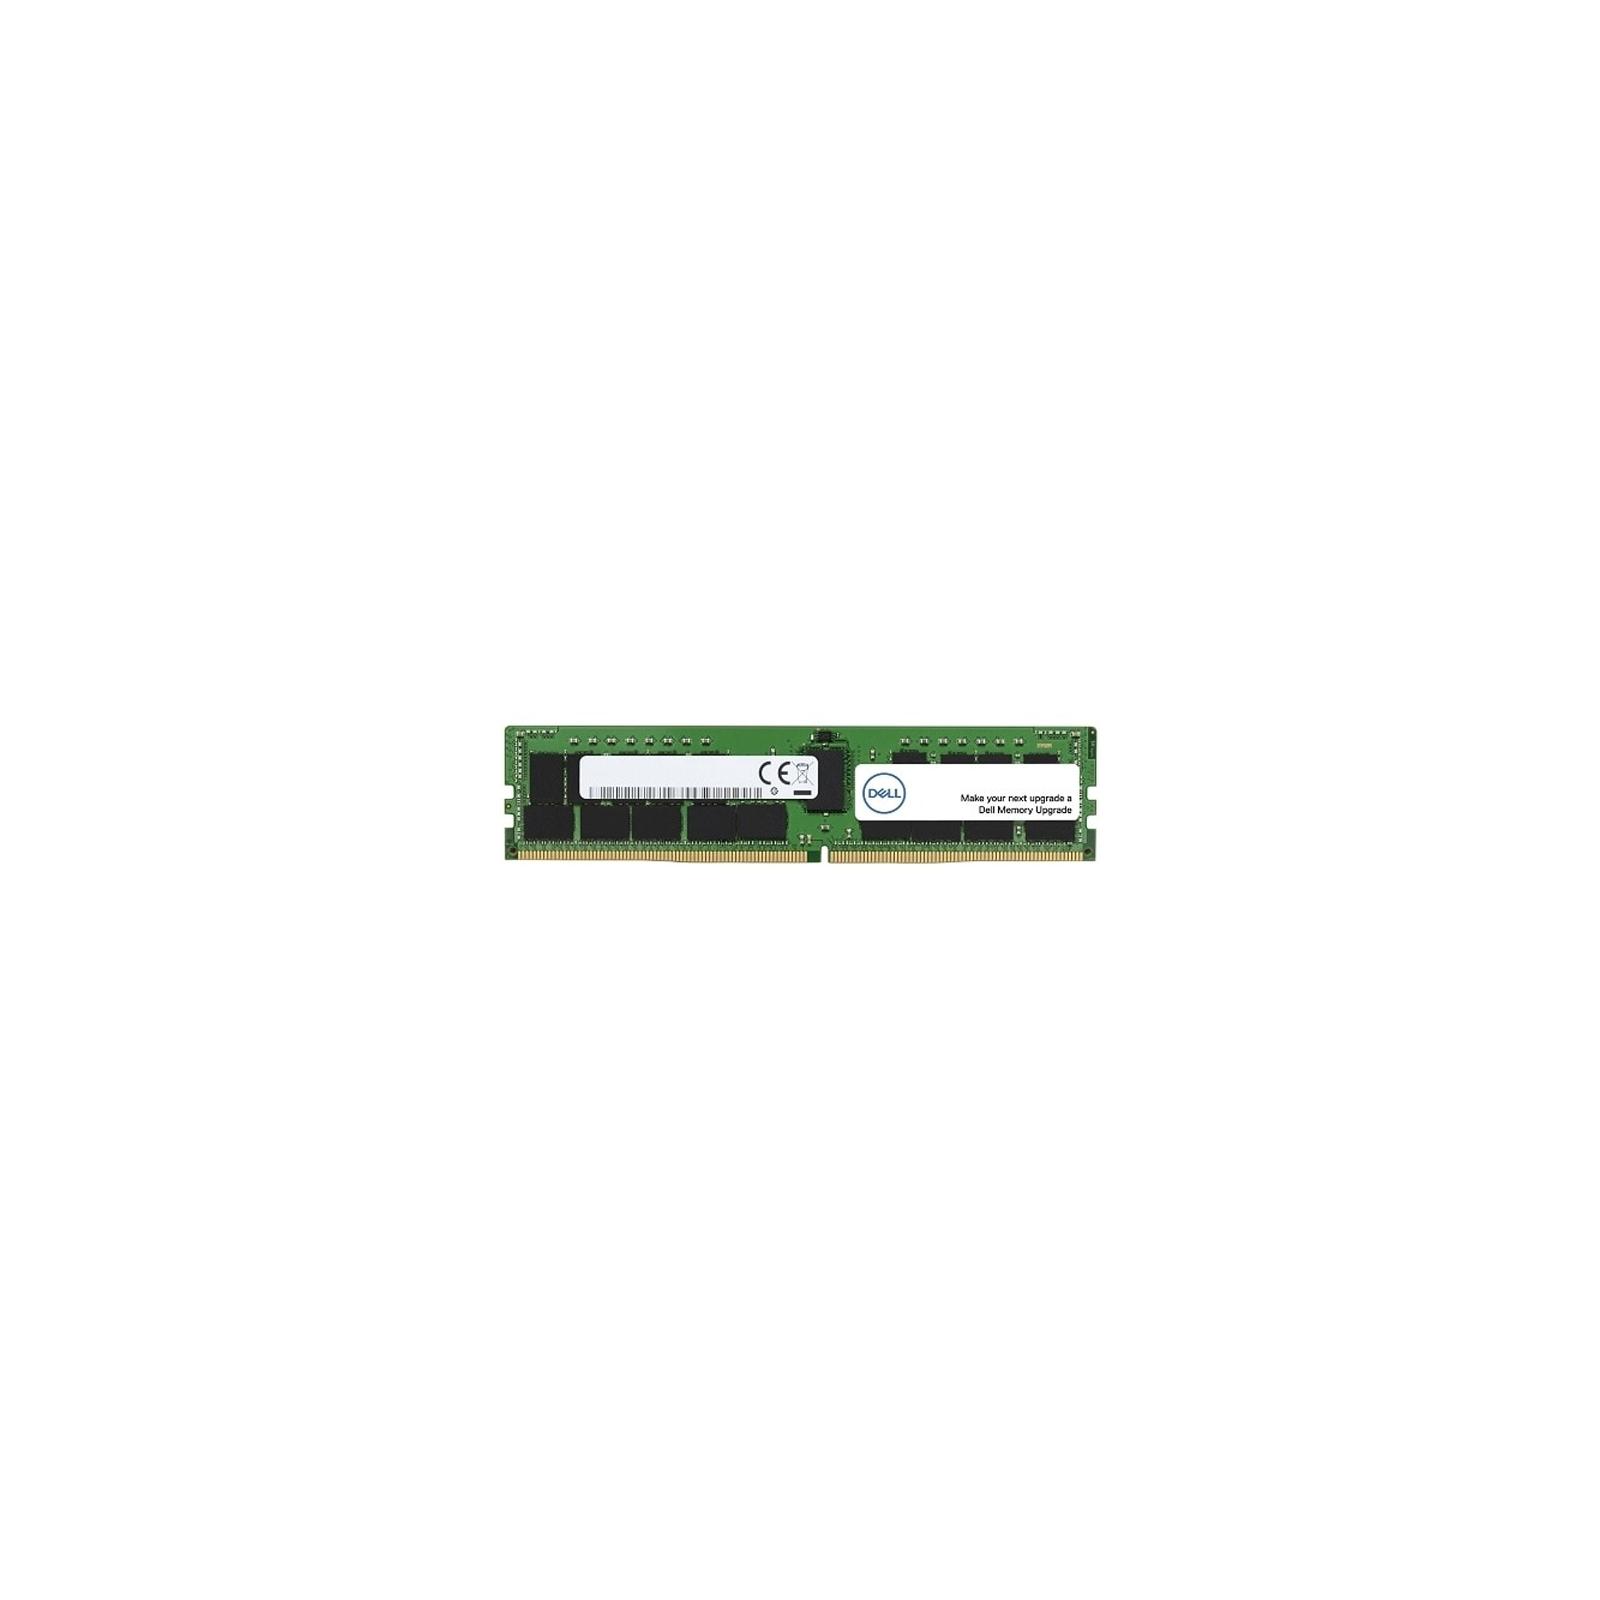 Модуль памяти для сервера DDR4 16GB ECC RDIMM 2933MHz 2Rx8 1.2V CL21 Dell (AA579532)